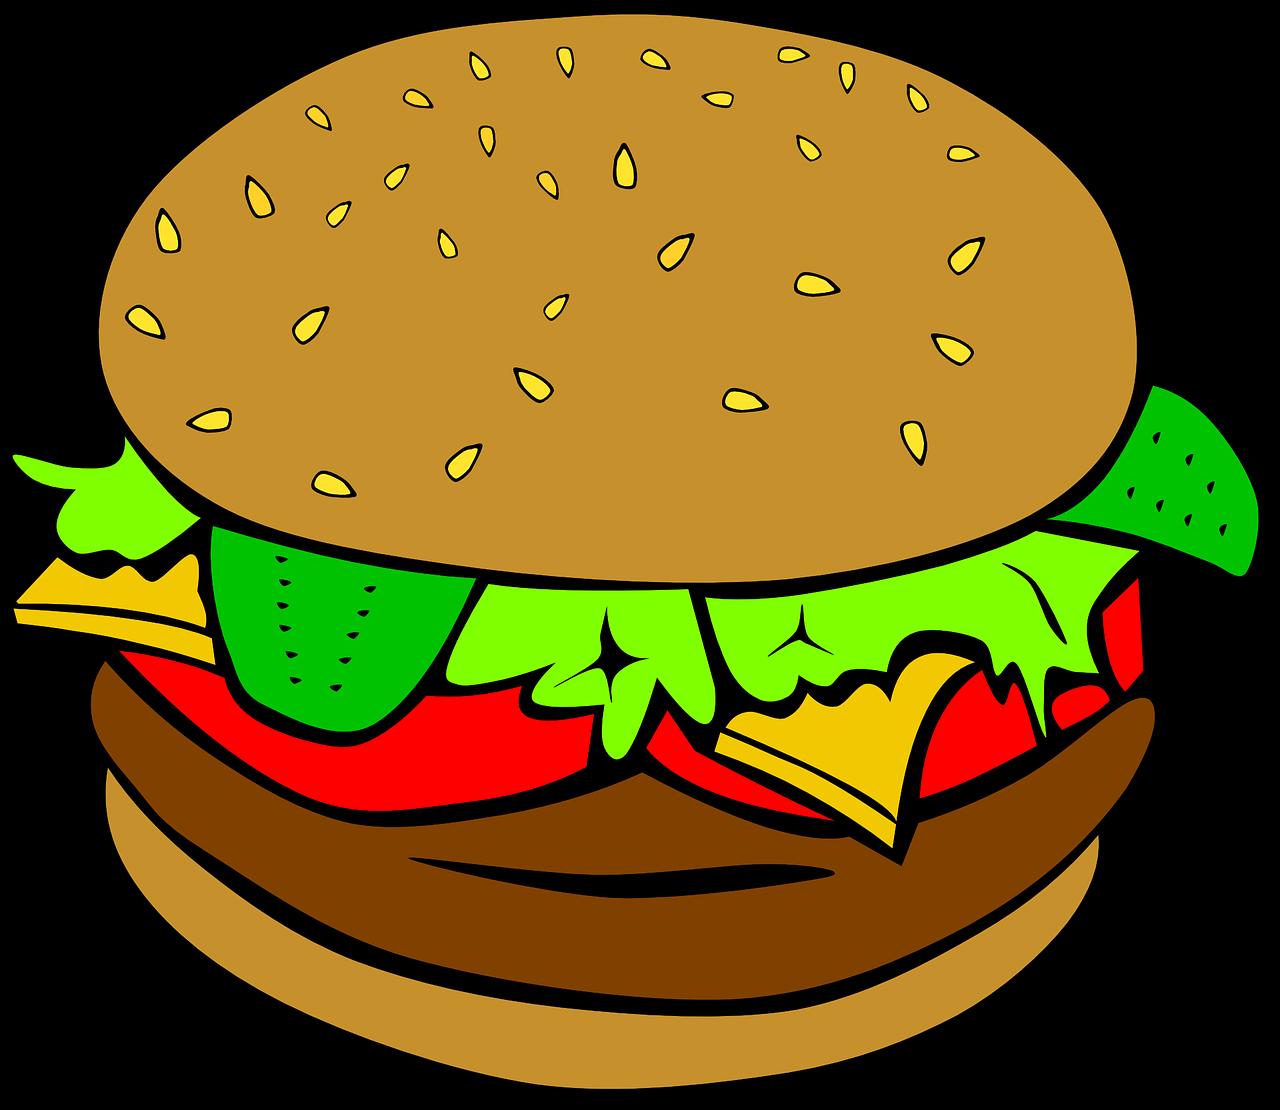 ワイルドアウトとは?値段は?店舗はどこ?ハンバーガー史上最強!肉動画も!